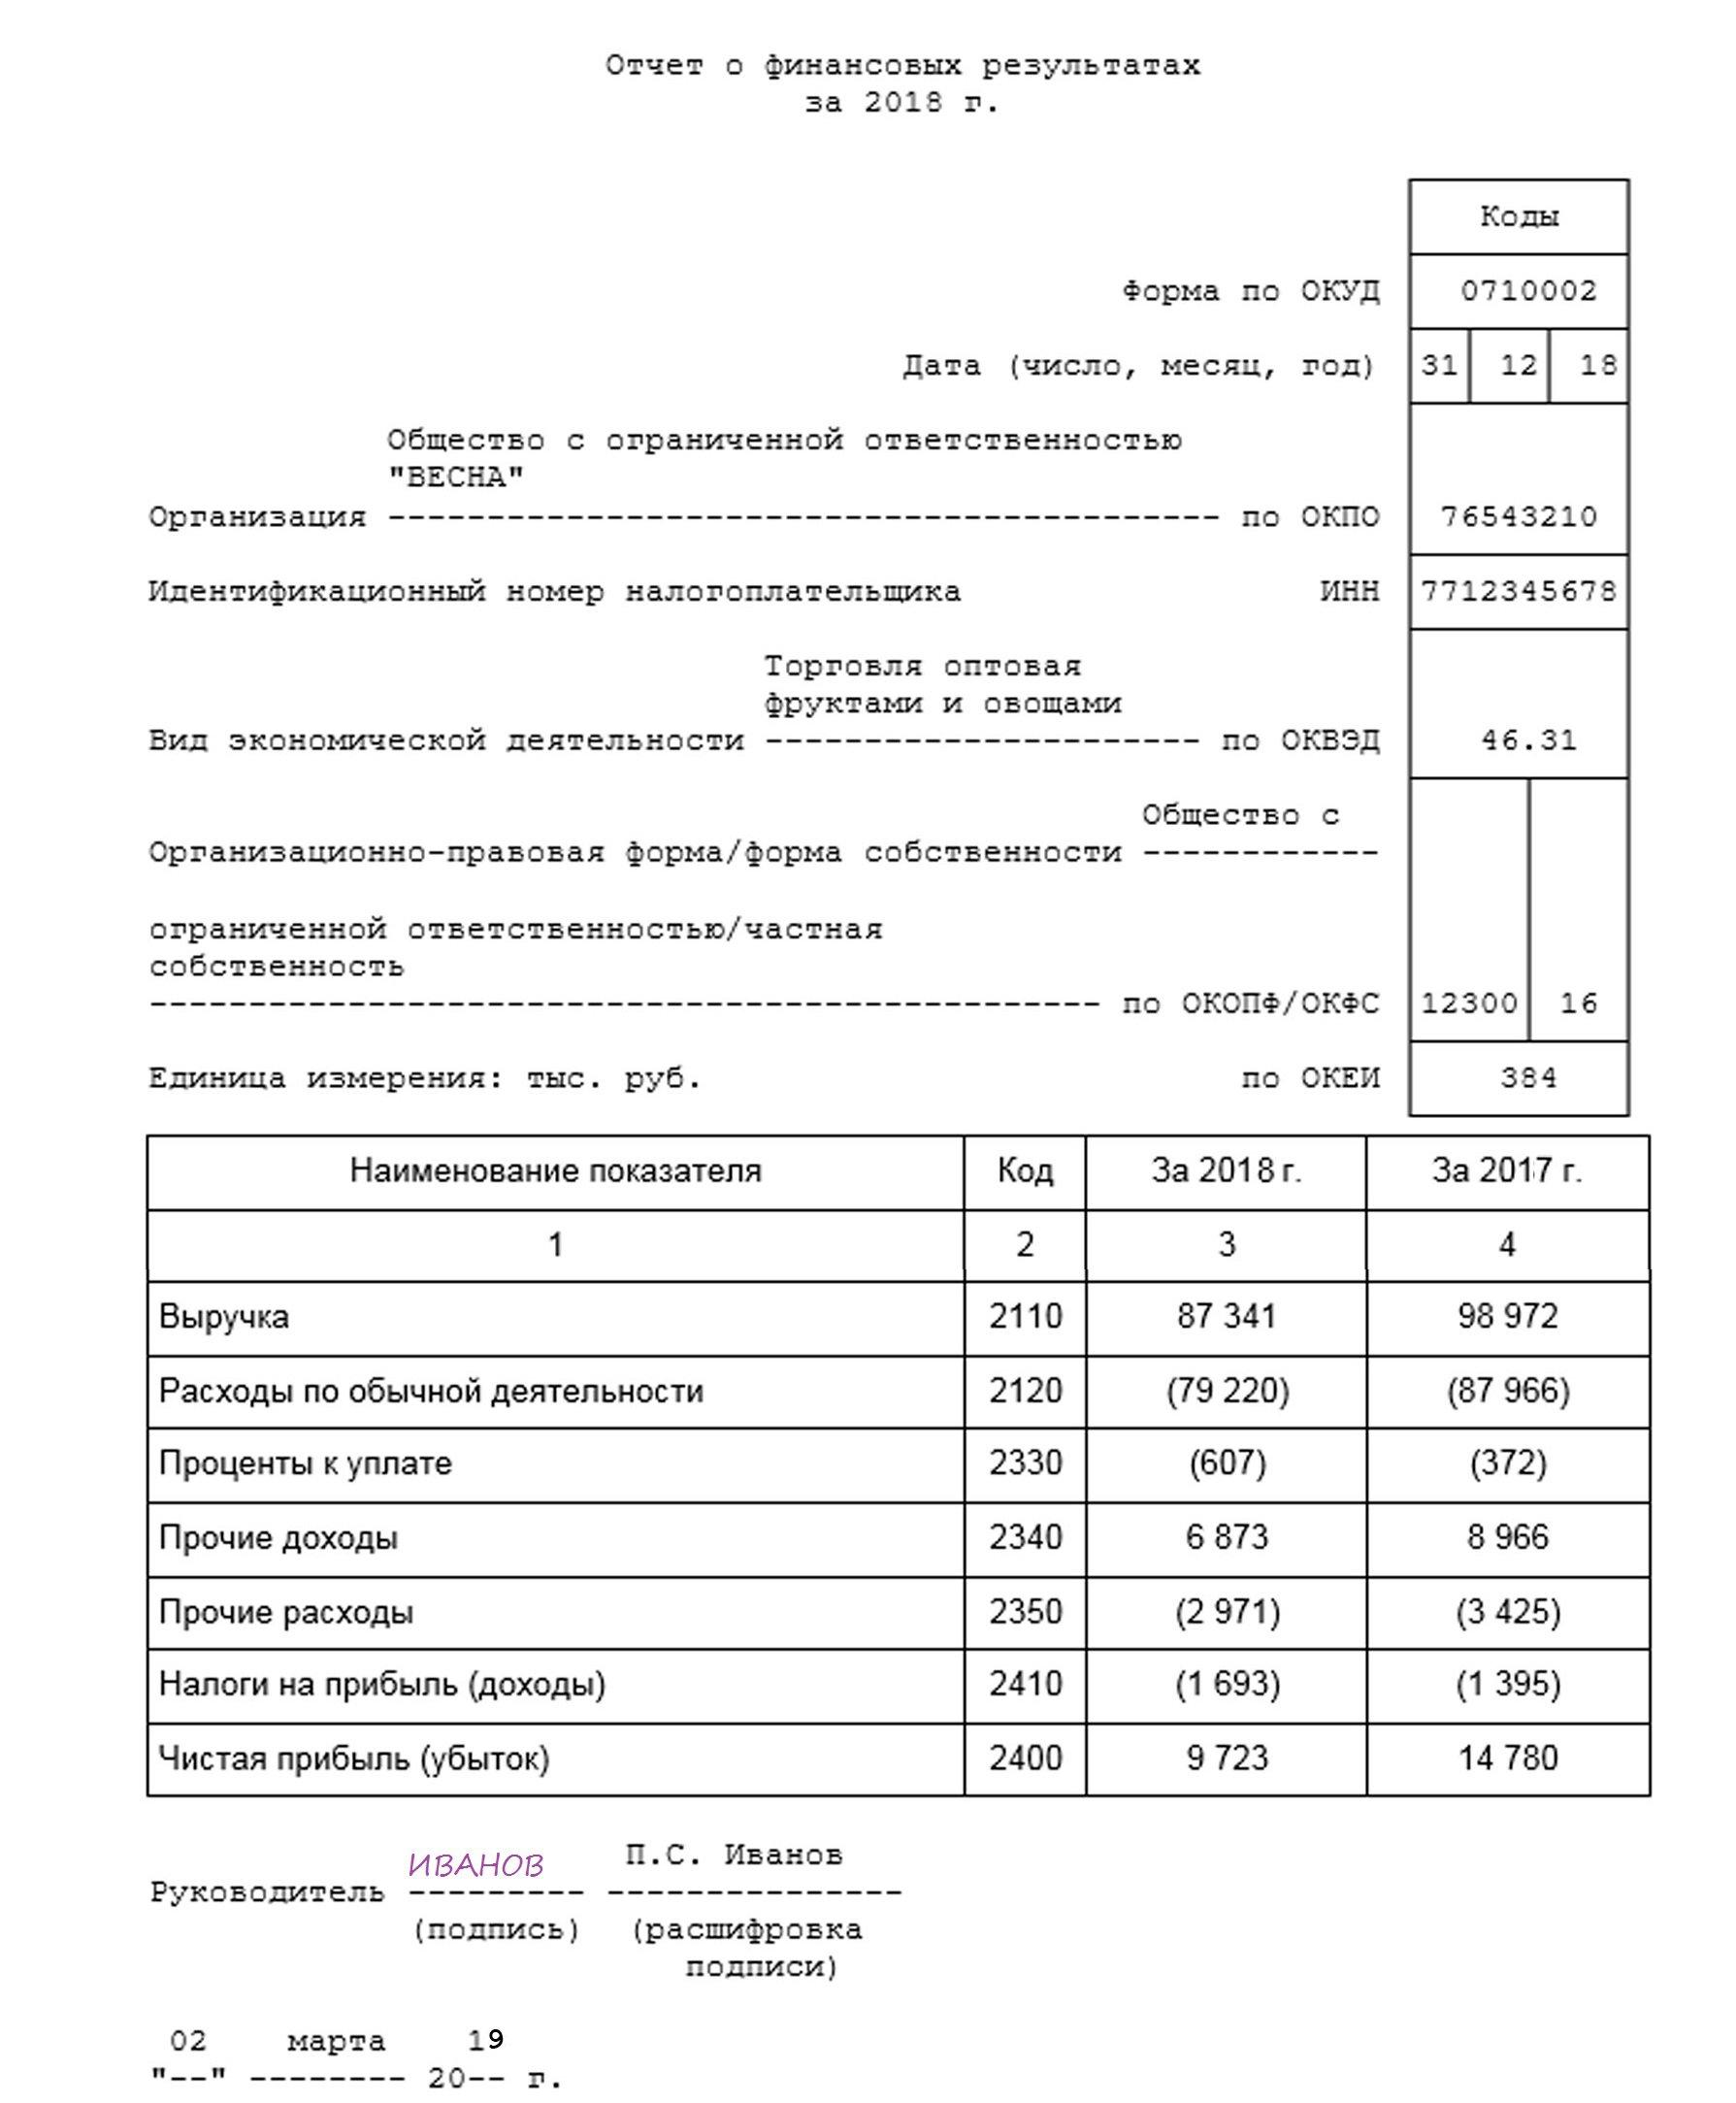 пример финансового отчета некоммерческой организации